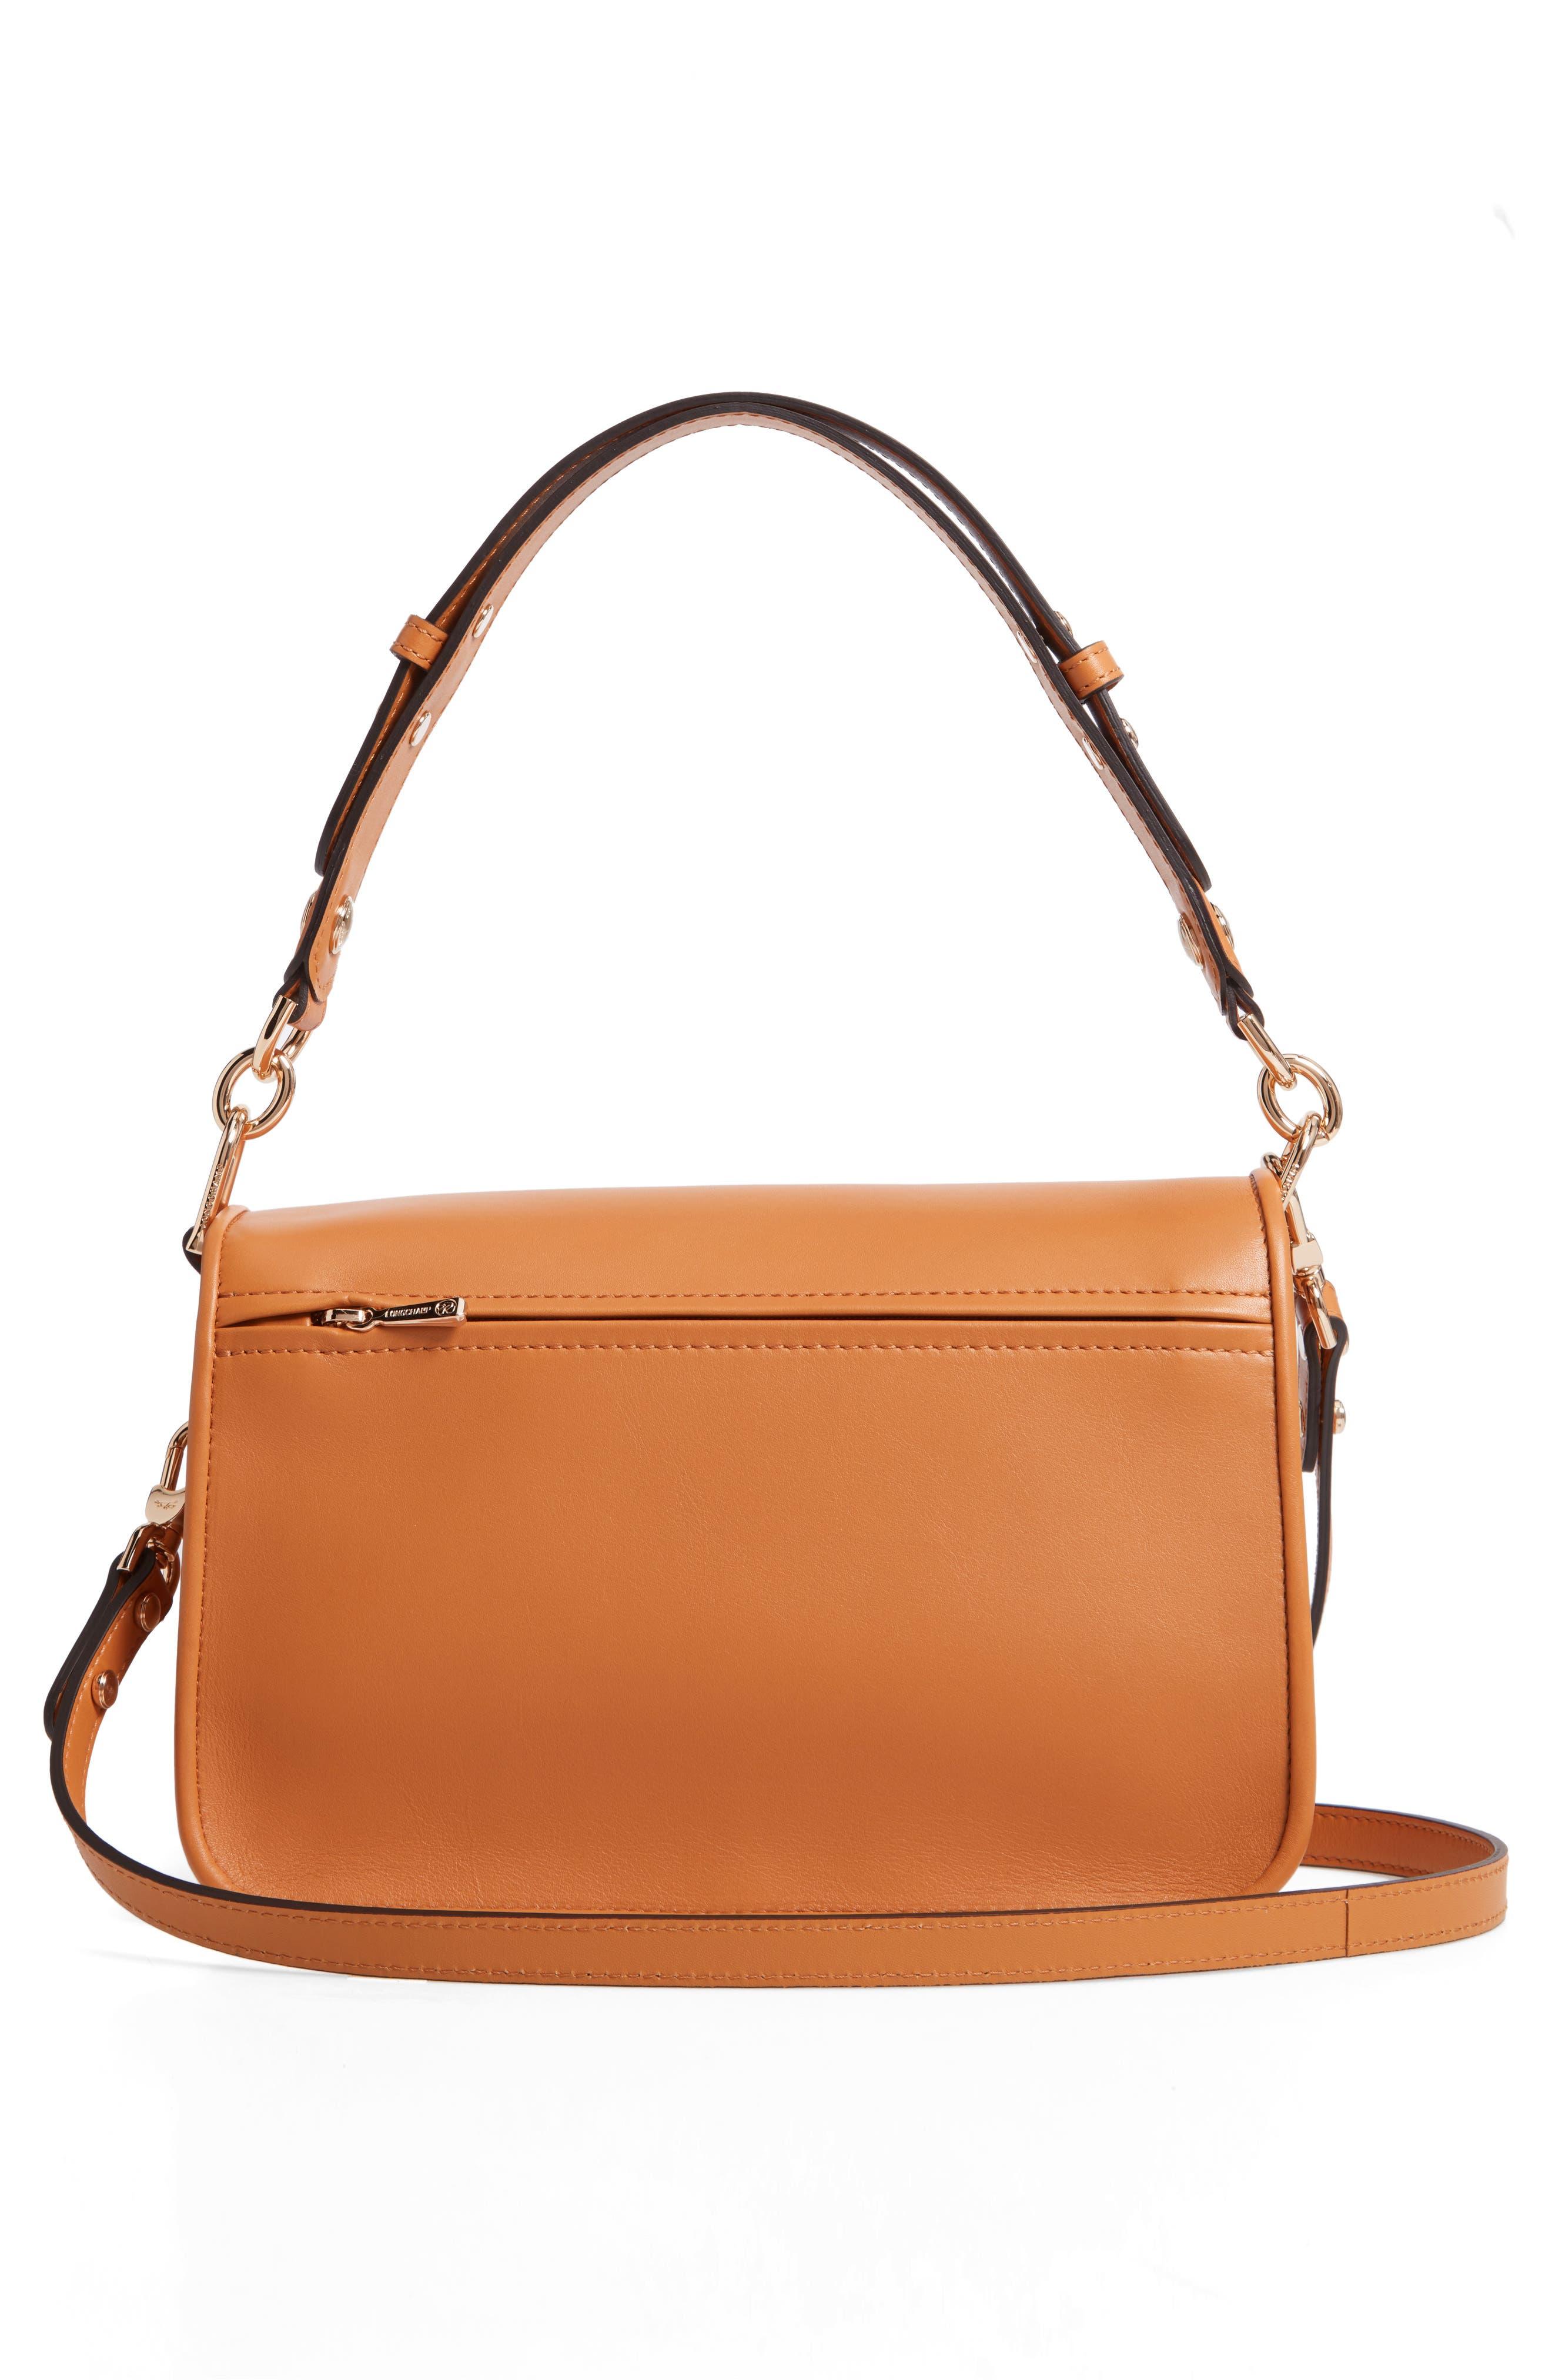 Mademoiselle Calfskin Leather Crossbody Bag,                             Alternate thumbnail 5, color,                             Honey